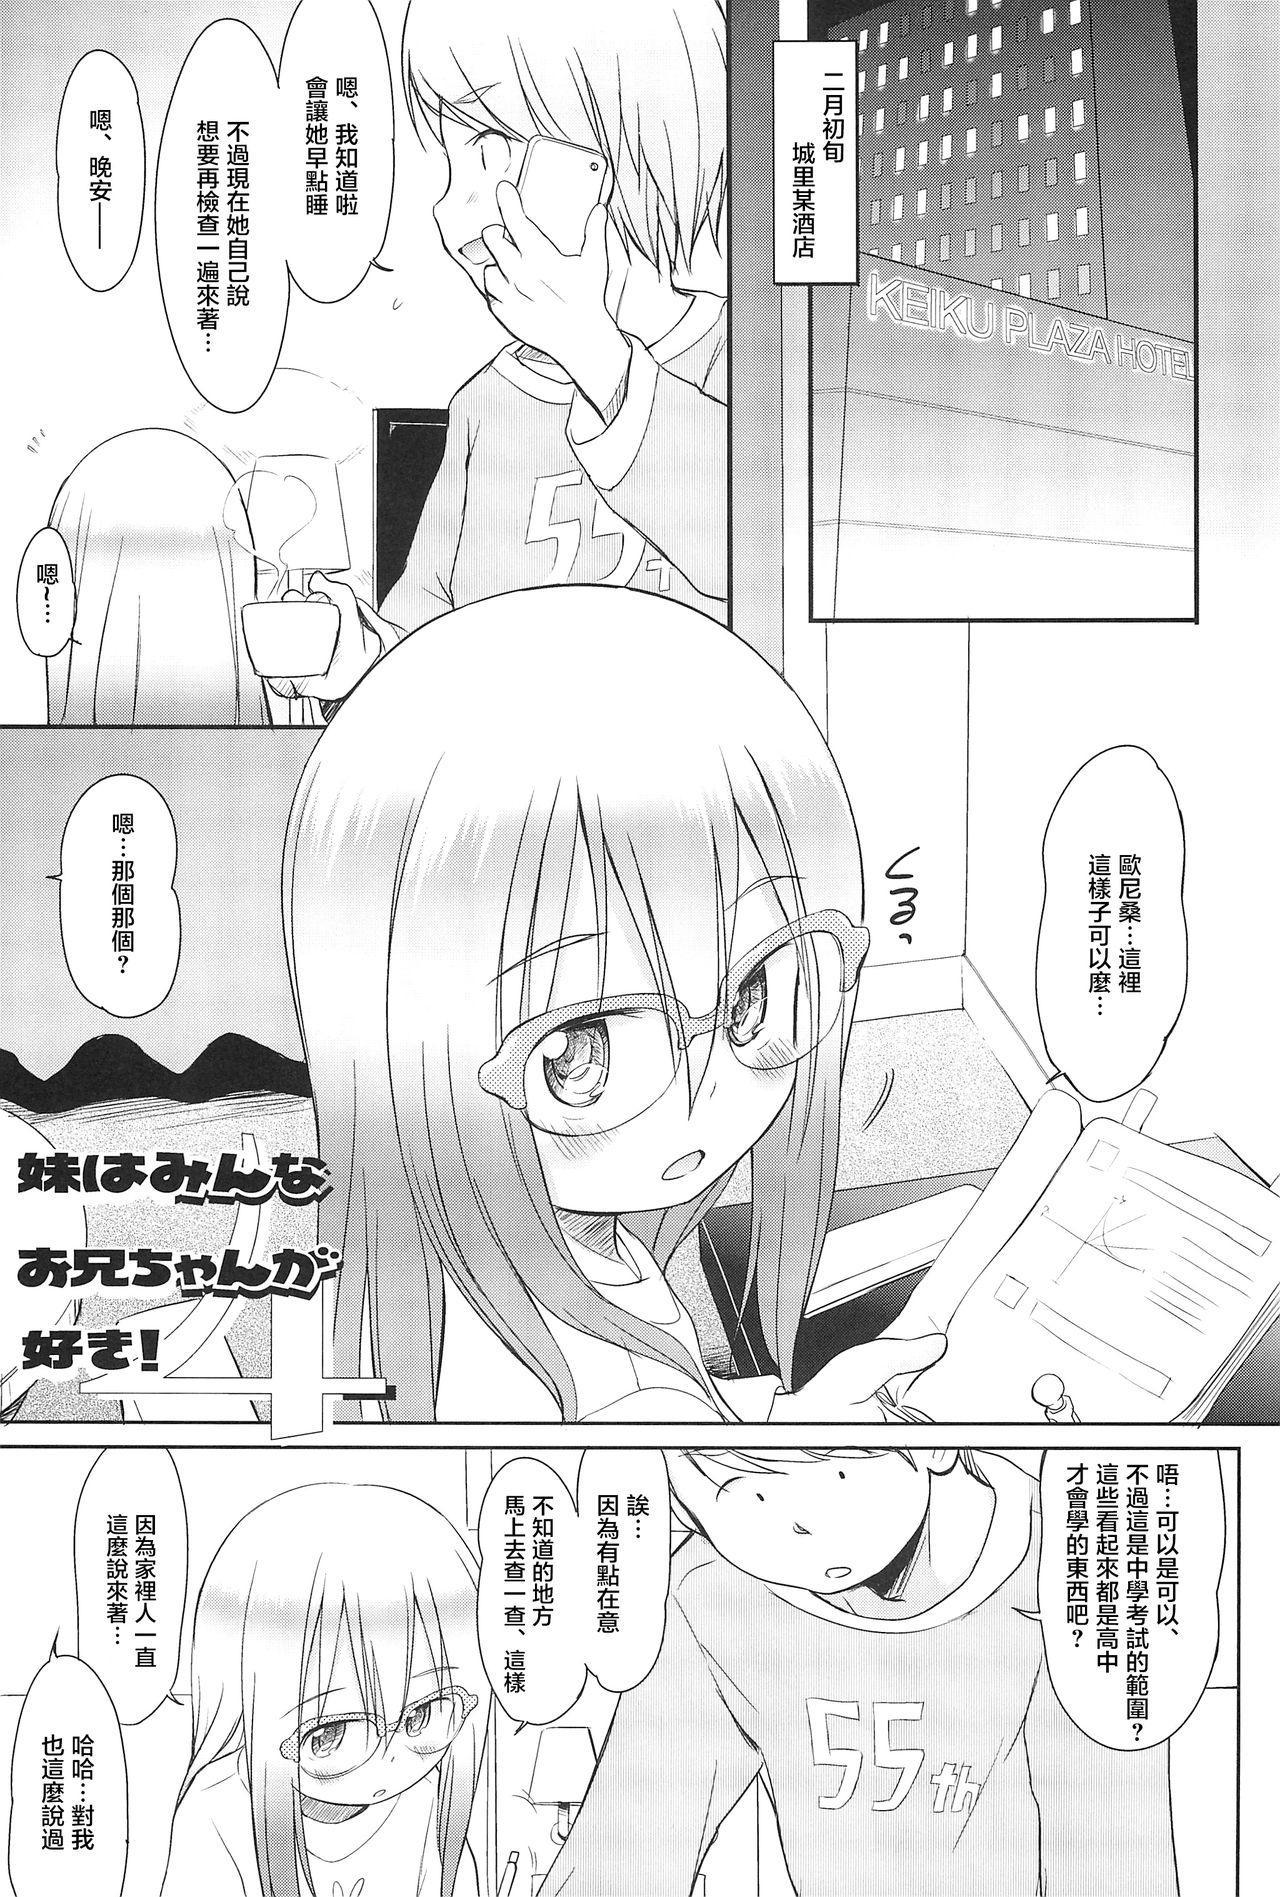 Imouto wa Minna Onii-chan ga Suki! 4 5